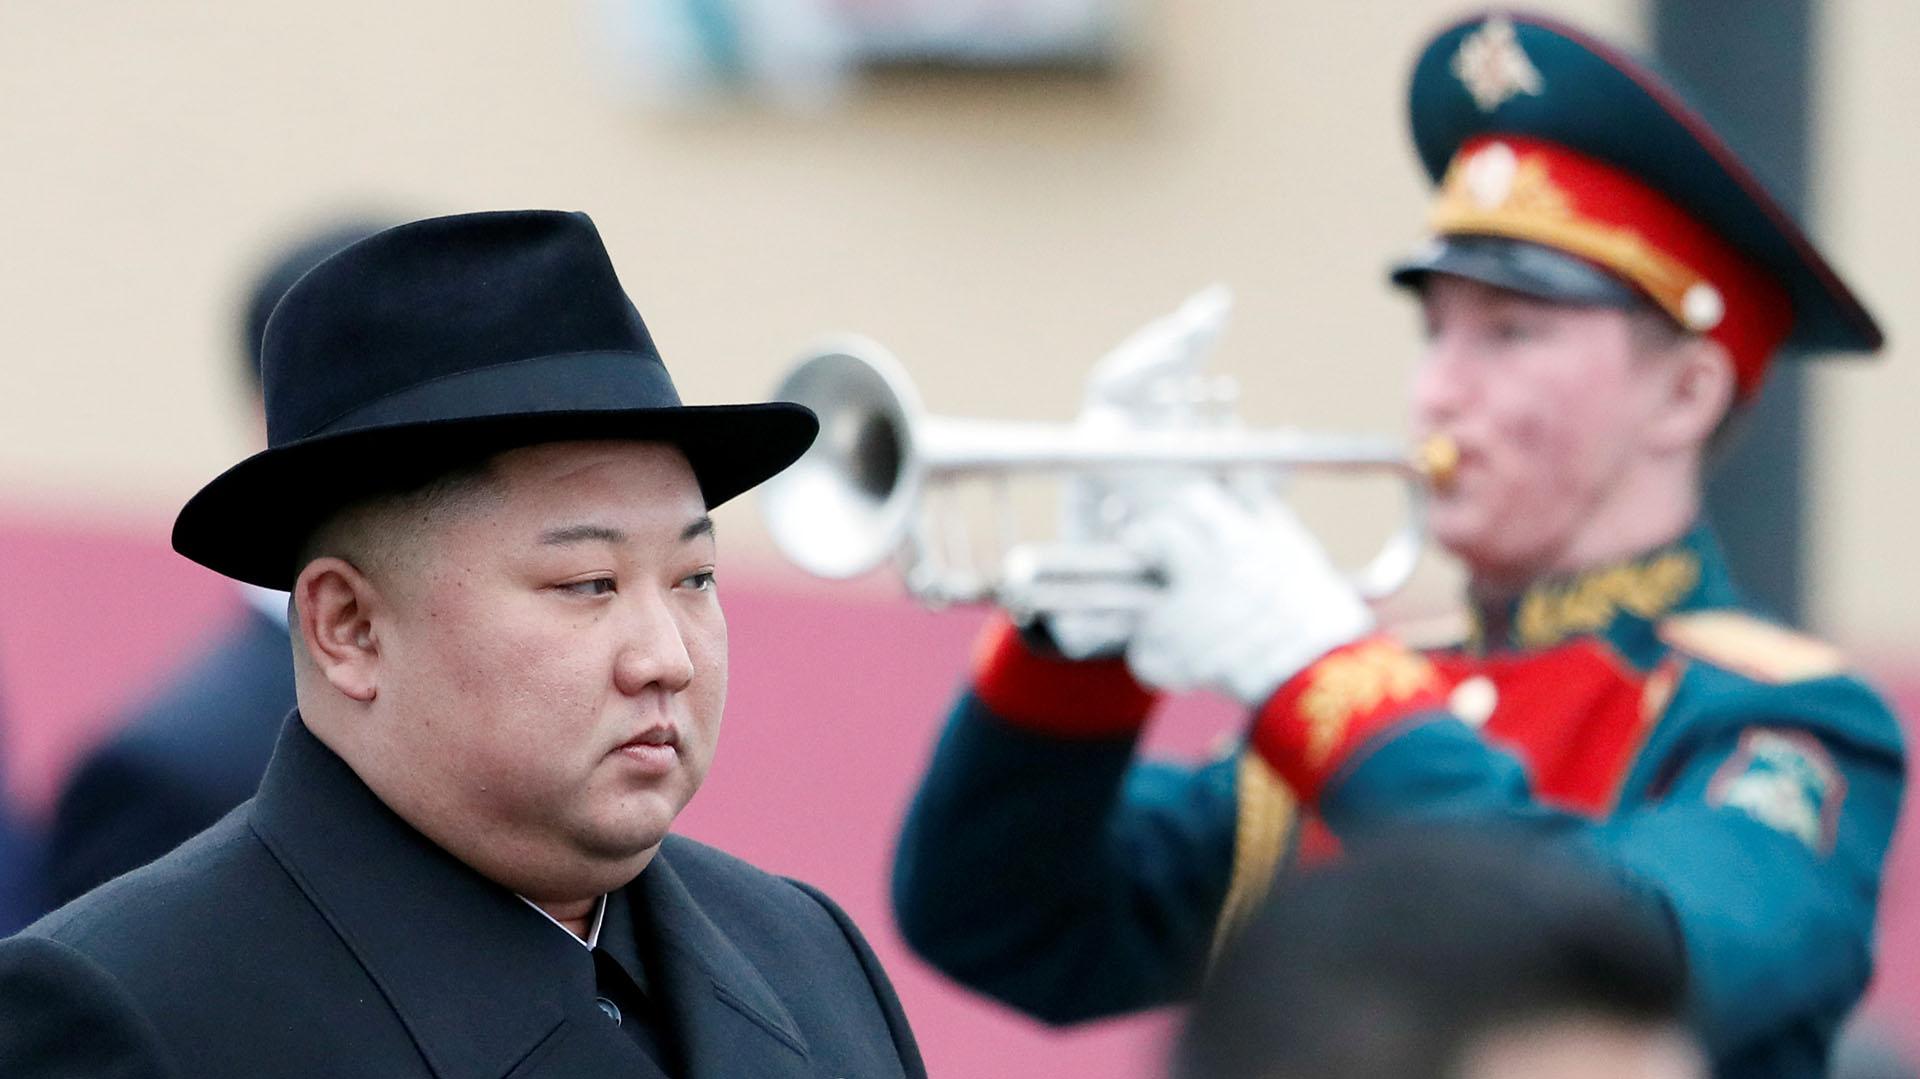 ¿Guardará rencor el dictador contra los responsables del pequeño desliz? Su reputación lo precede (REUTERS/Shamil Zhumatov)